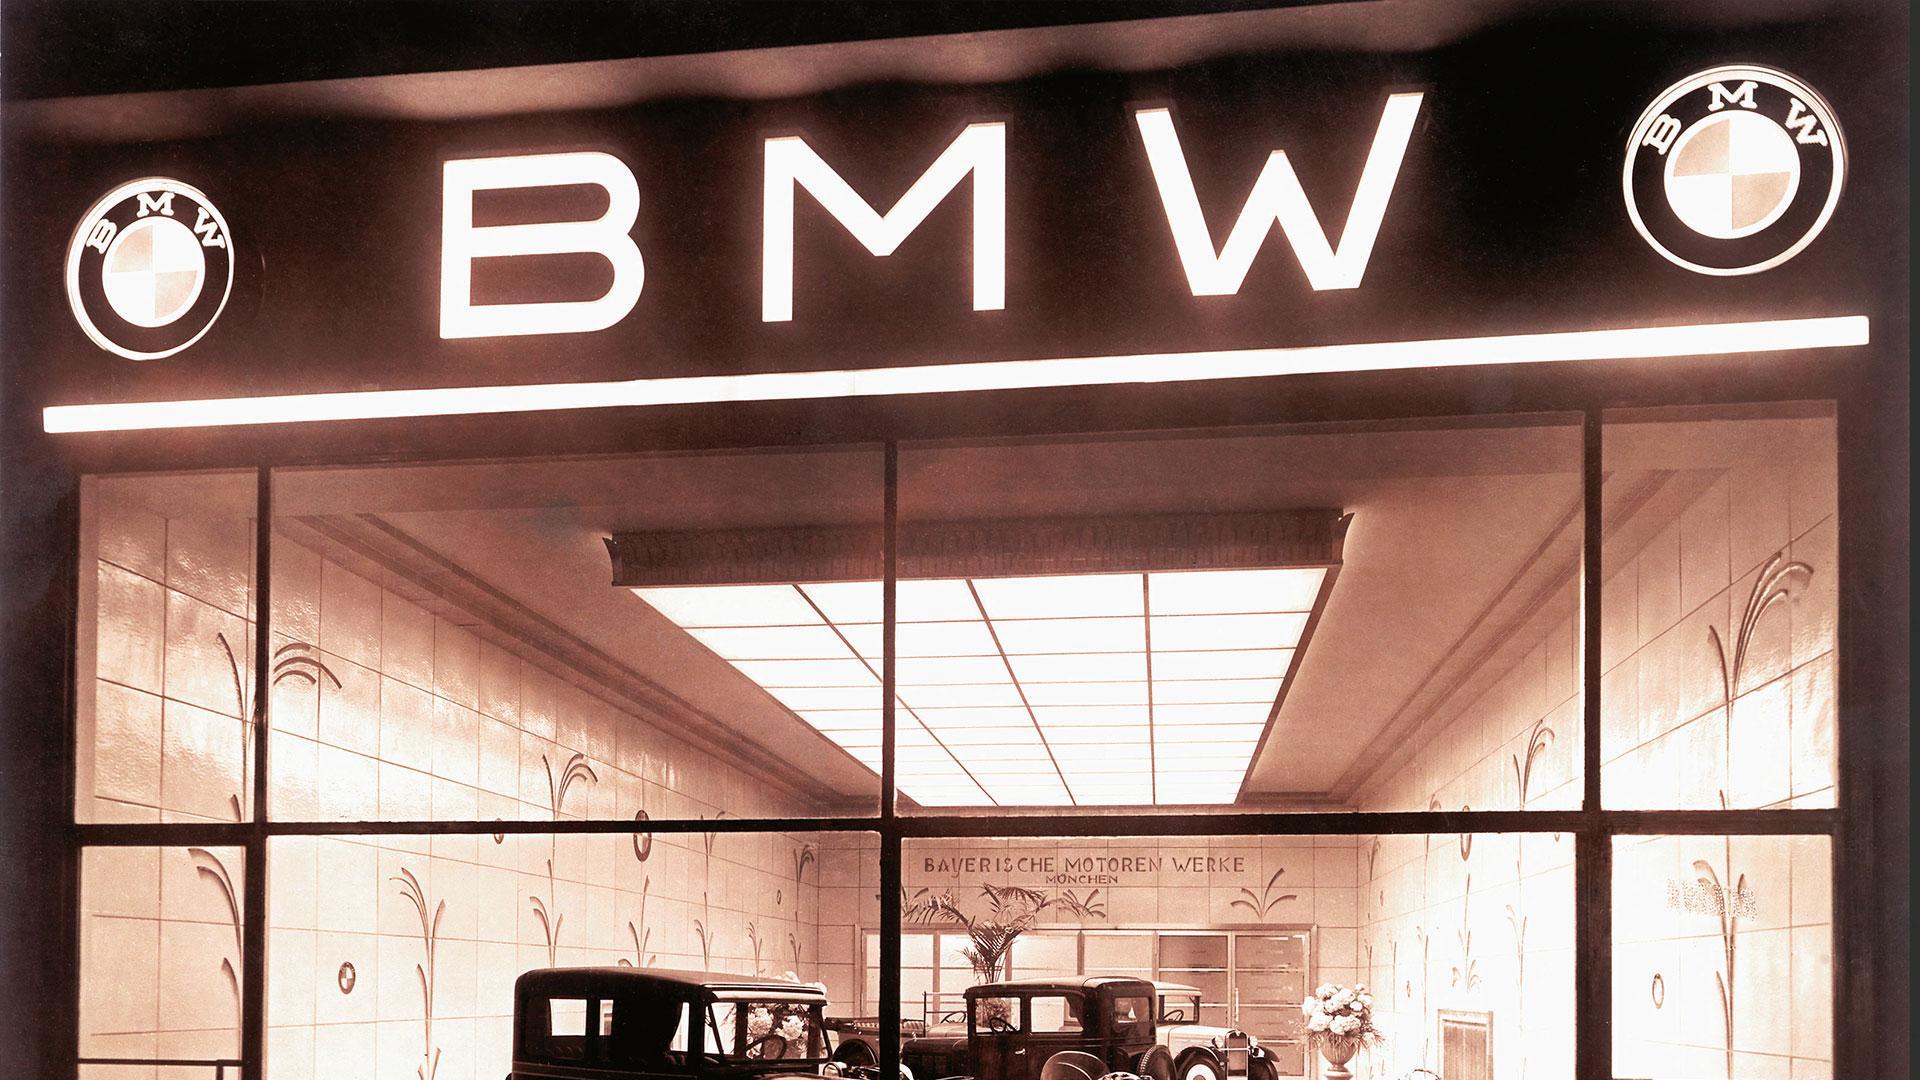 BMW-logo vroeger